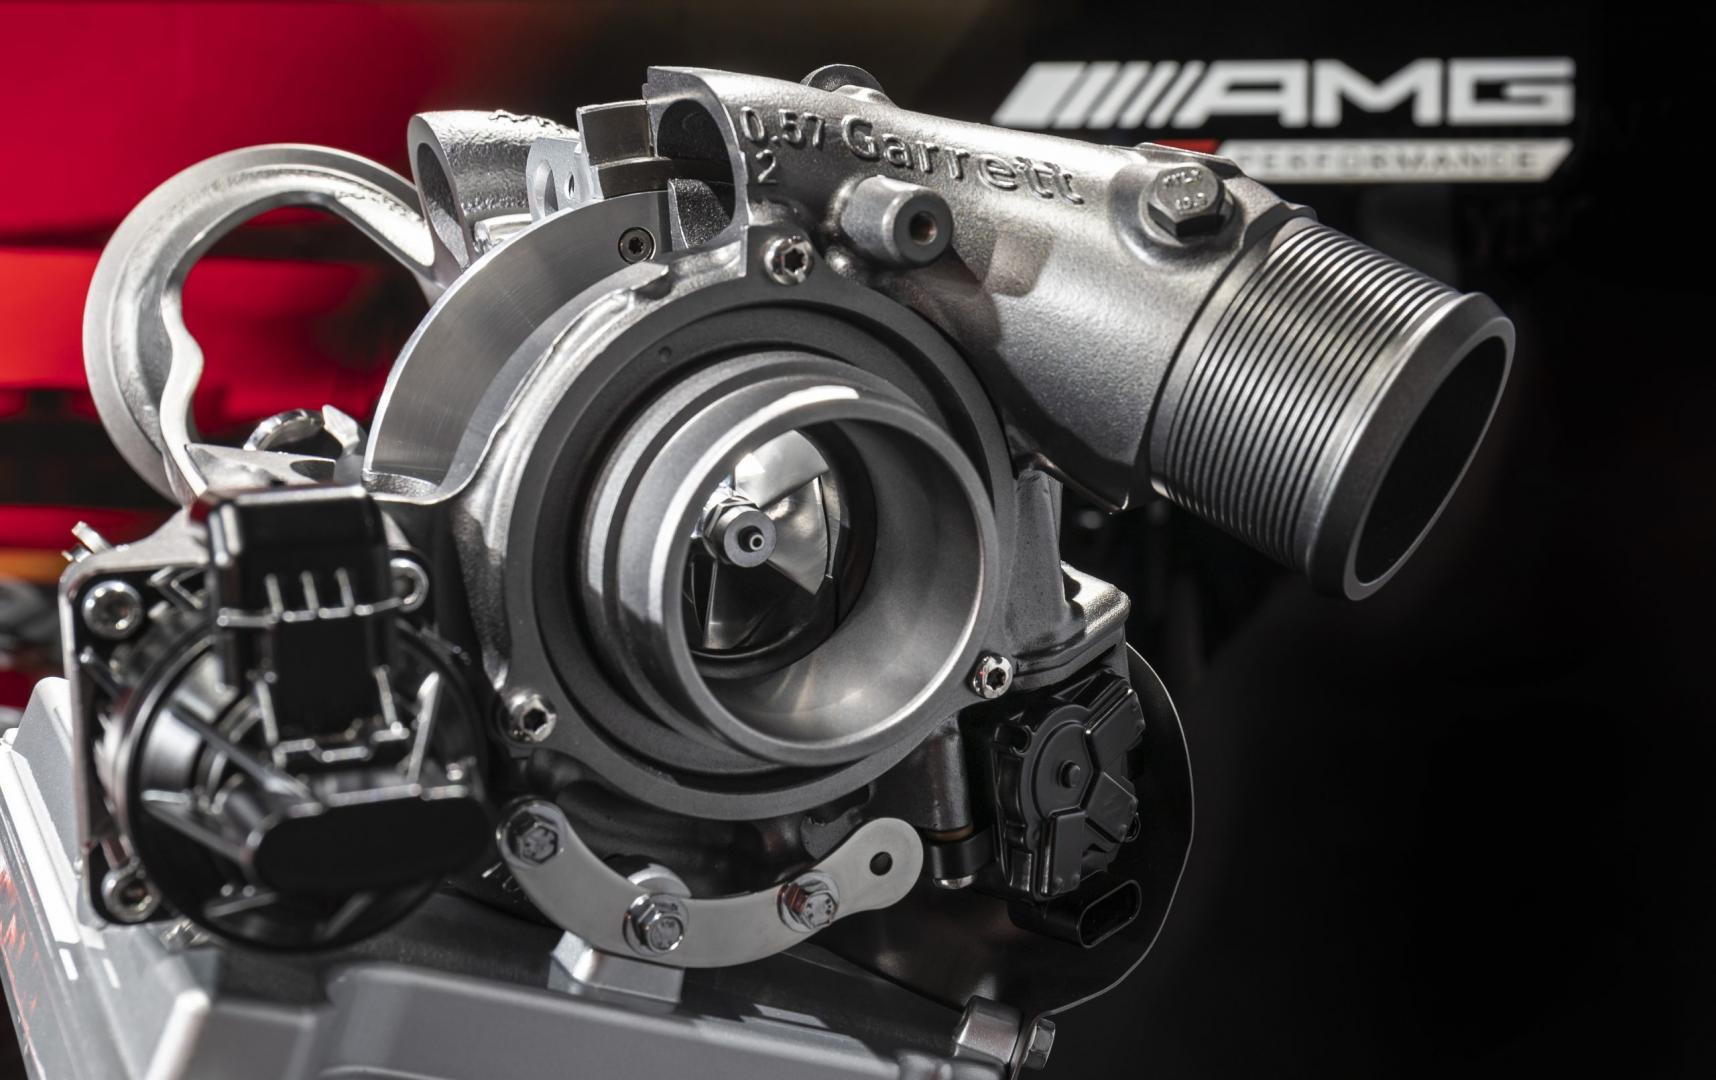 elektrische turbo garrett mercedes-amg hybride